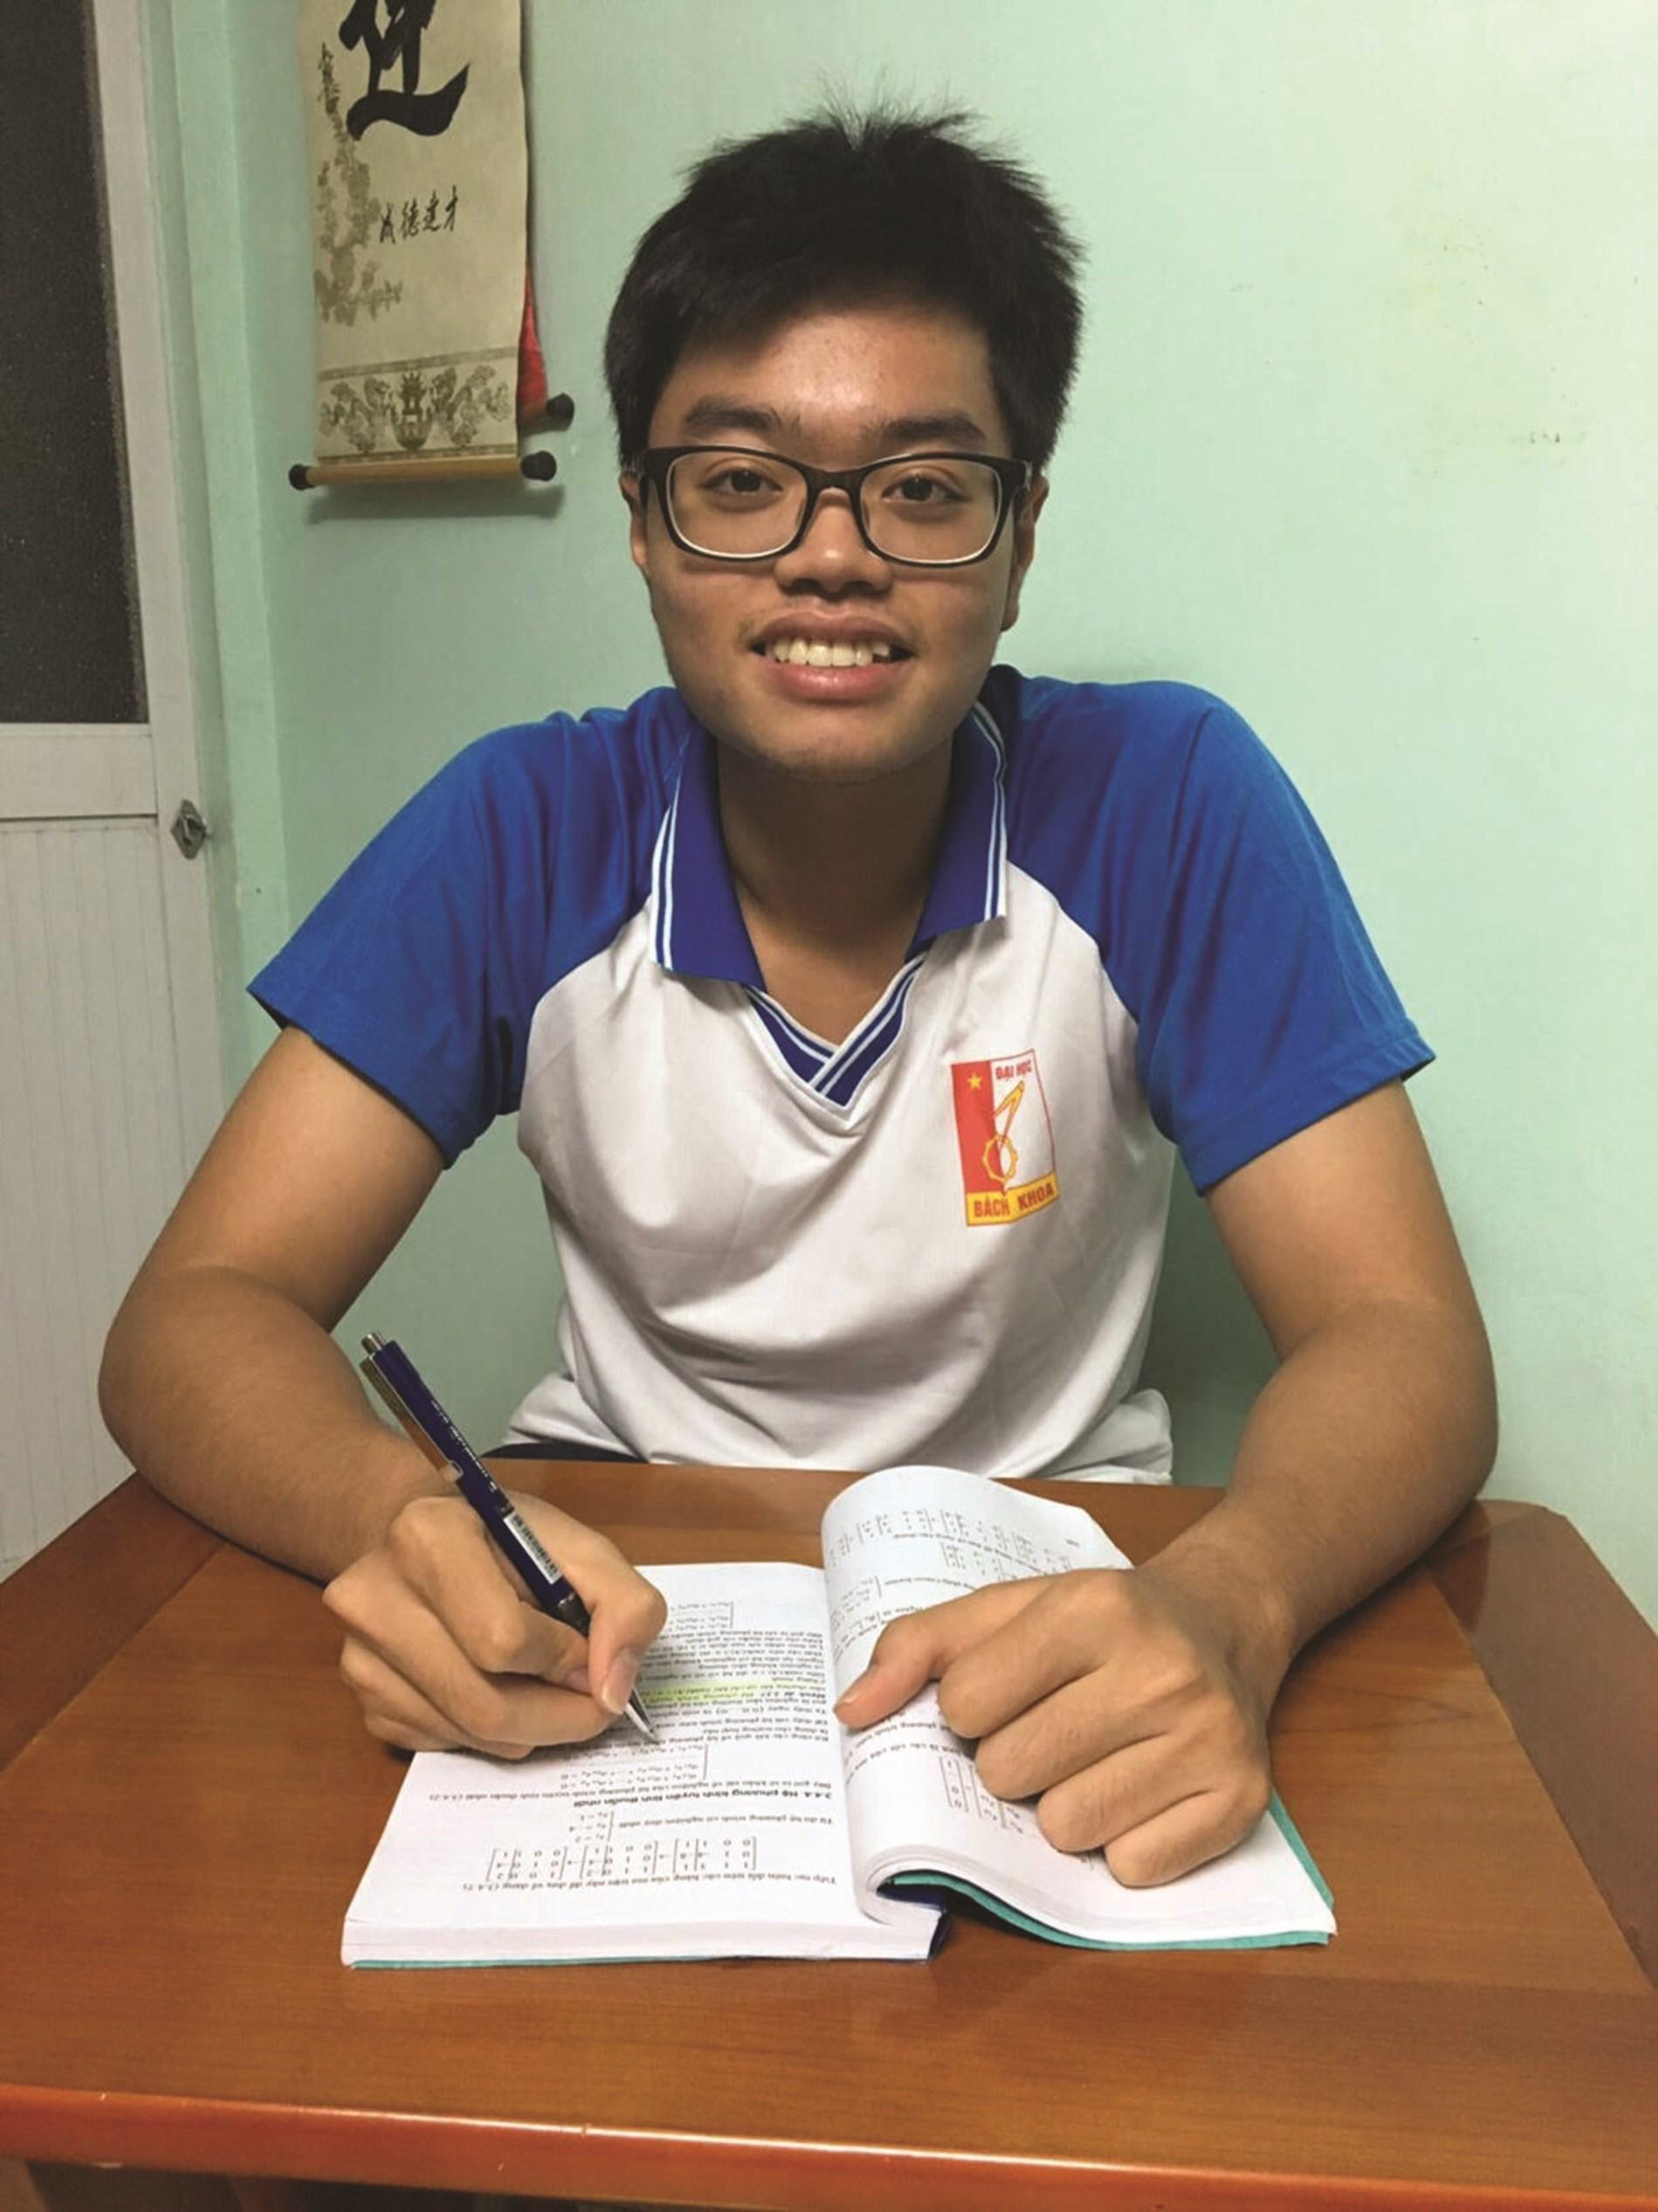 Em Hà Minh Quang (dân tộc Tày) sinh viên ngành Cơ điện tử, Đại học Bách khoa Hà Nội.